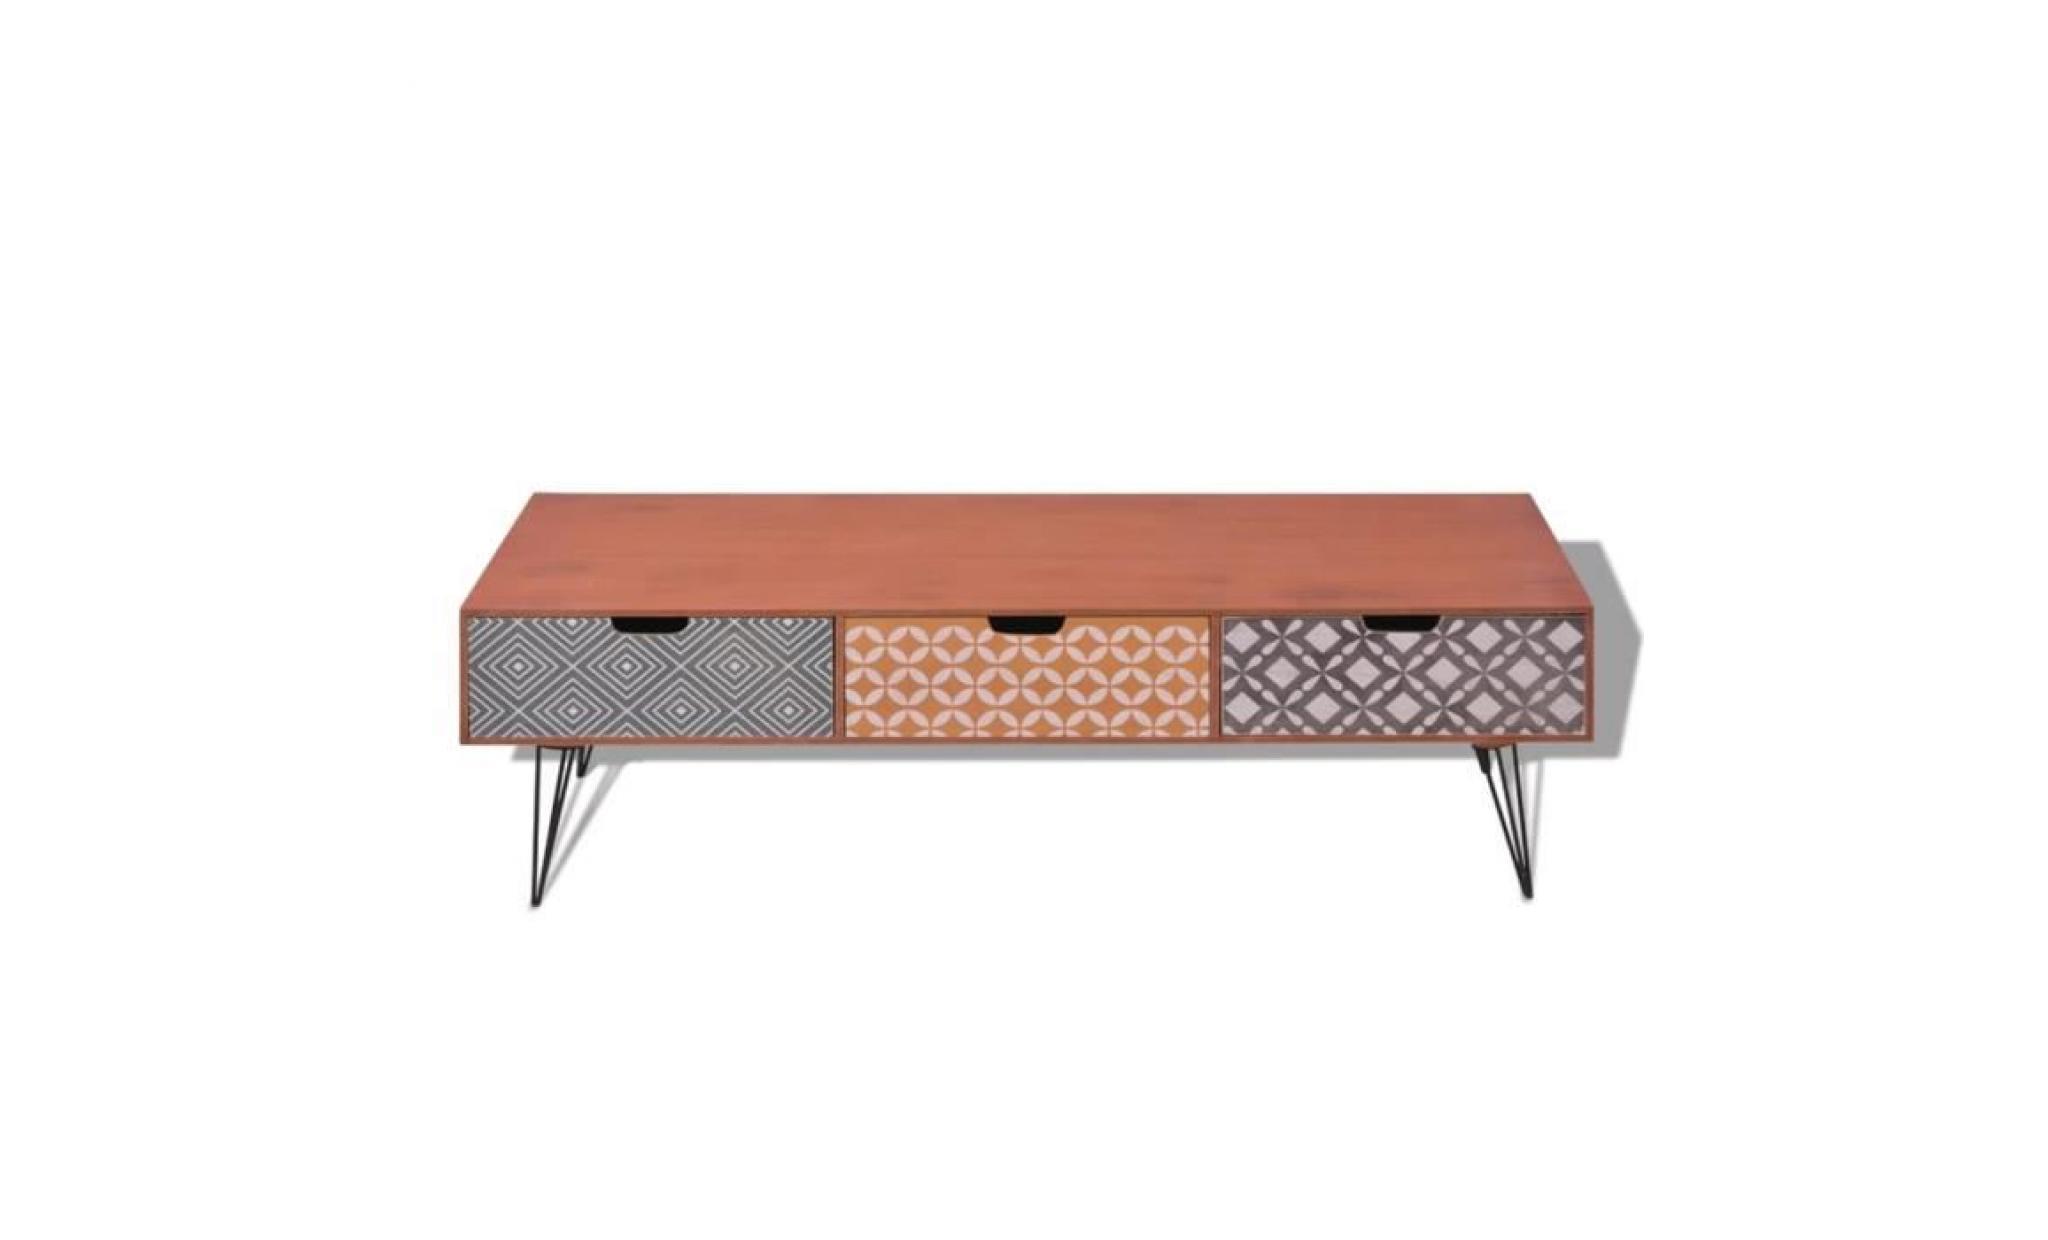 meubles tv festnight meuble tv avec 3 tiroirs table basse en bois scandinave design marron cuisine maison groupisd com